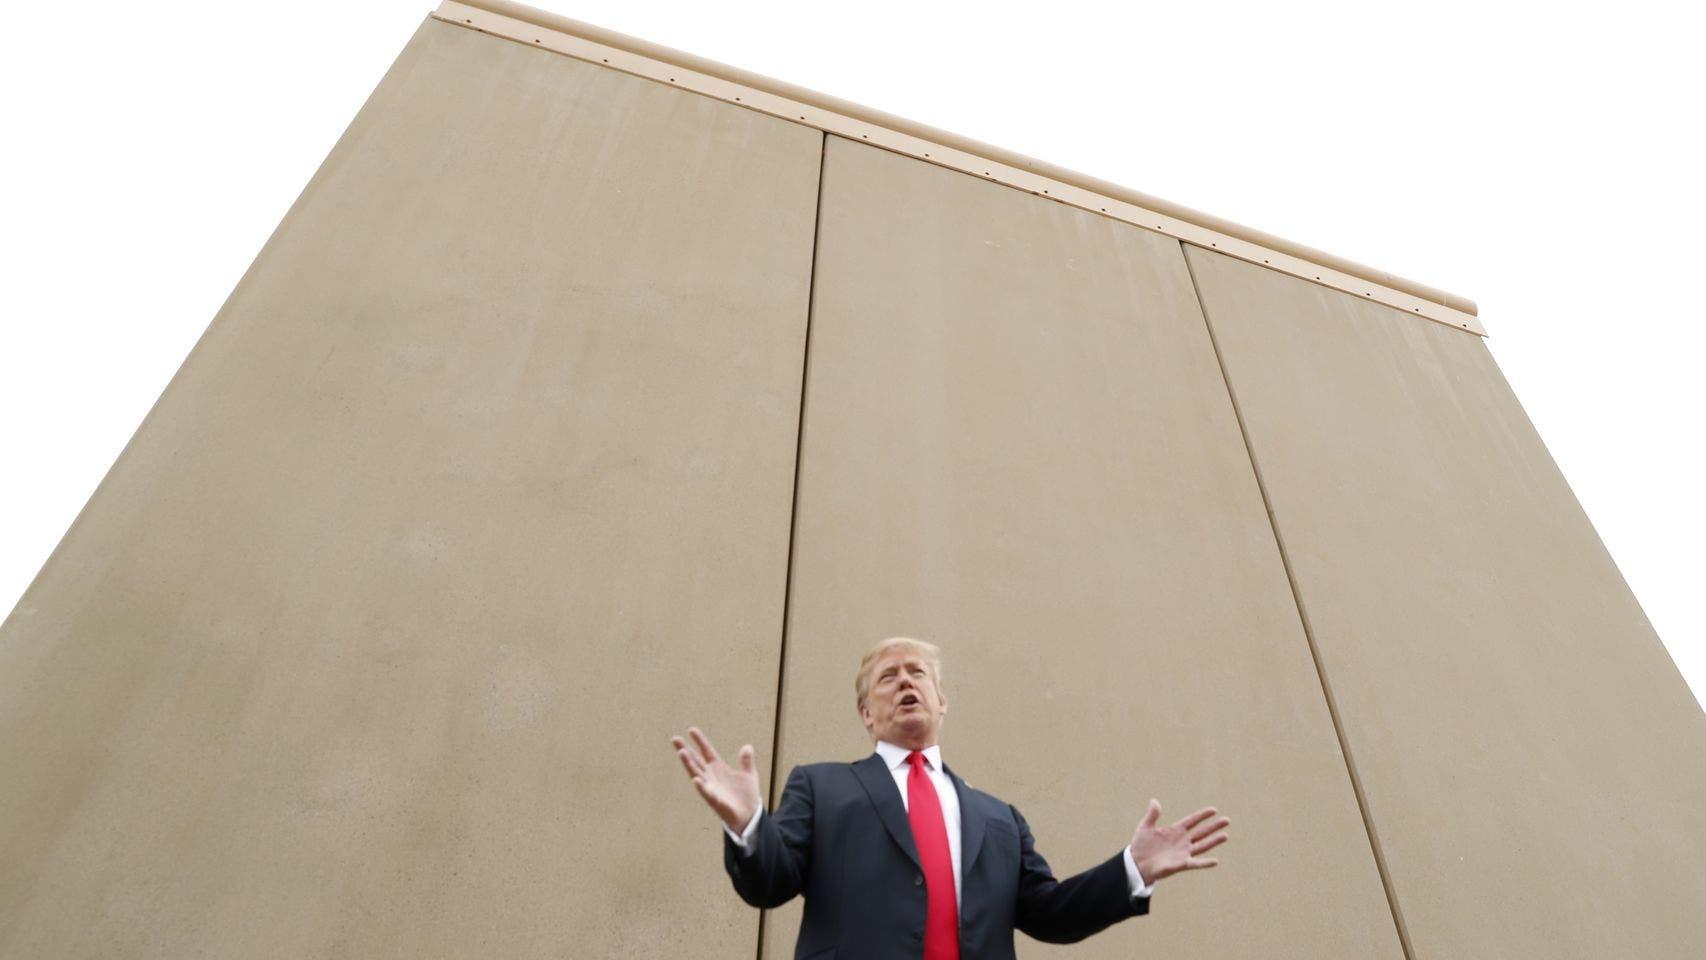 Analizan cobrar por ver porno para financiar muro de Trump